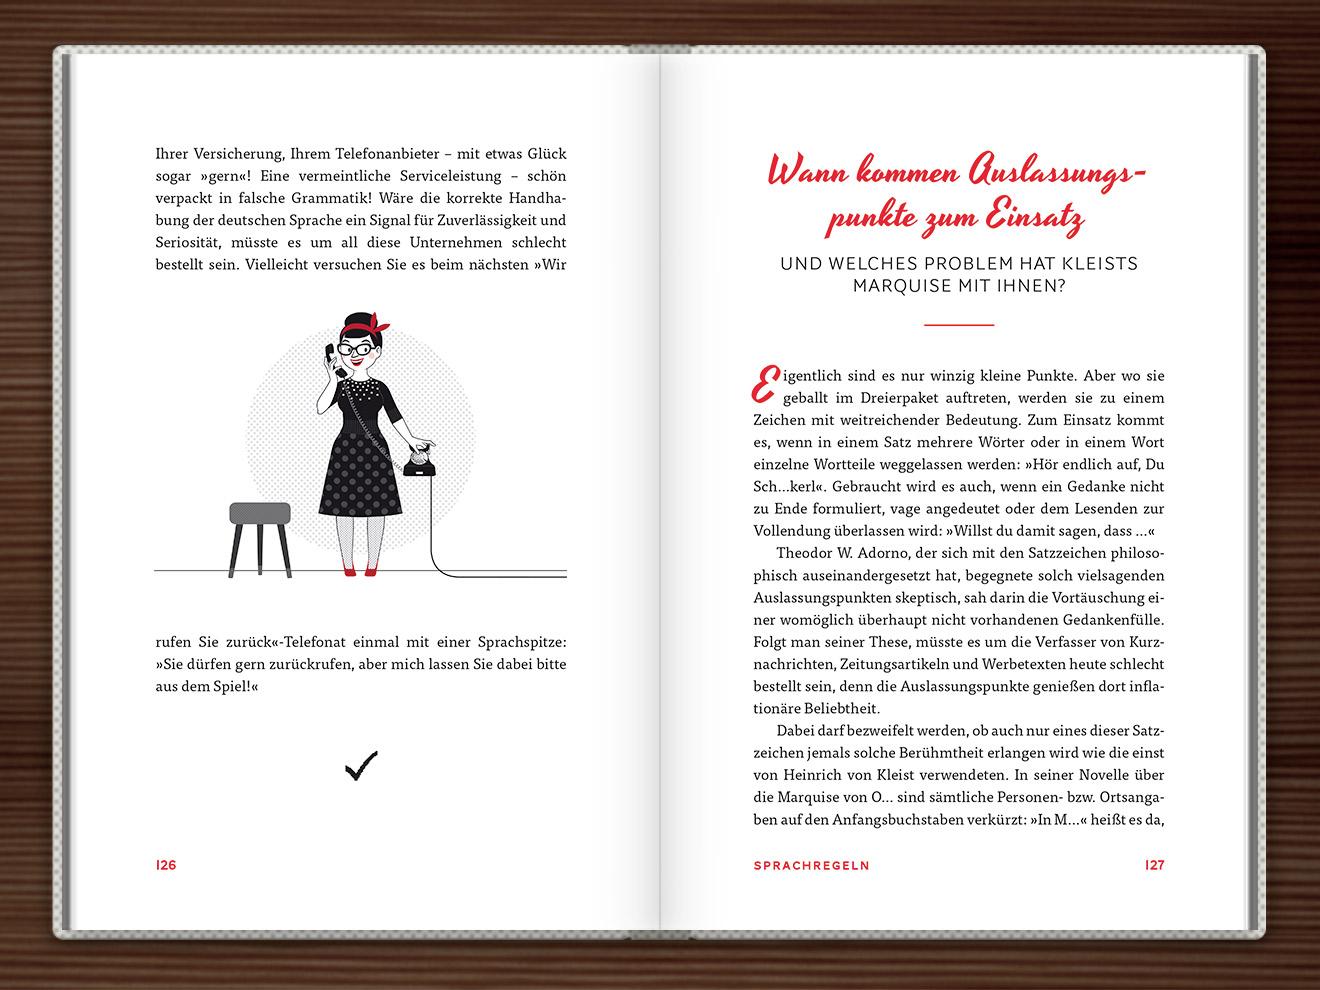 Rückruf im Buch Du hast das Wort, Schätzchen! 100 charmante Geschichten rund um die Sprache im Duden Verlag von Rita Mielke mit Illustrationen im Sixties-Stil von Iris Luckhaus